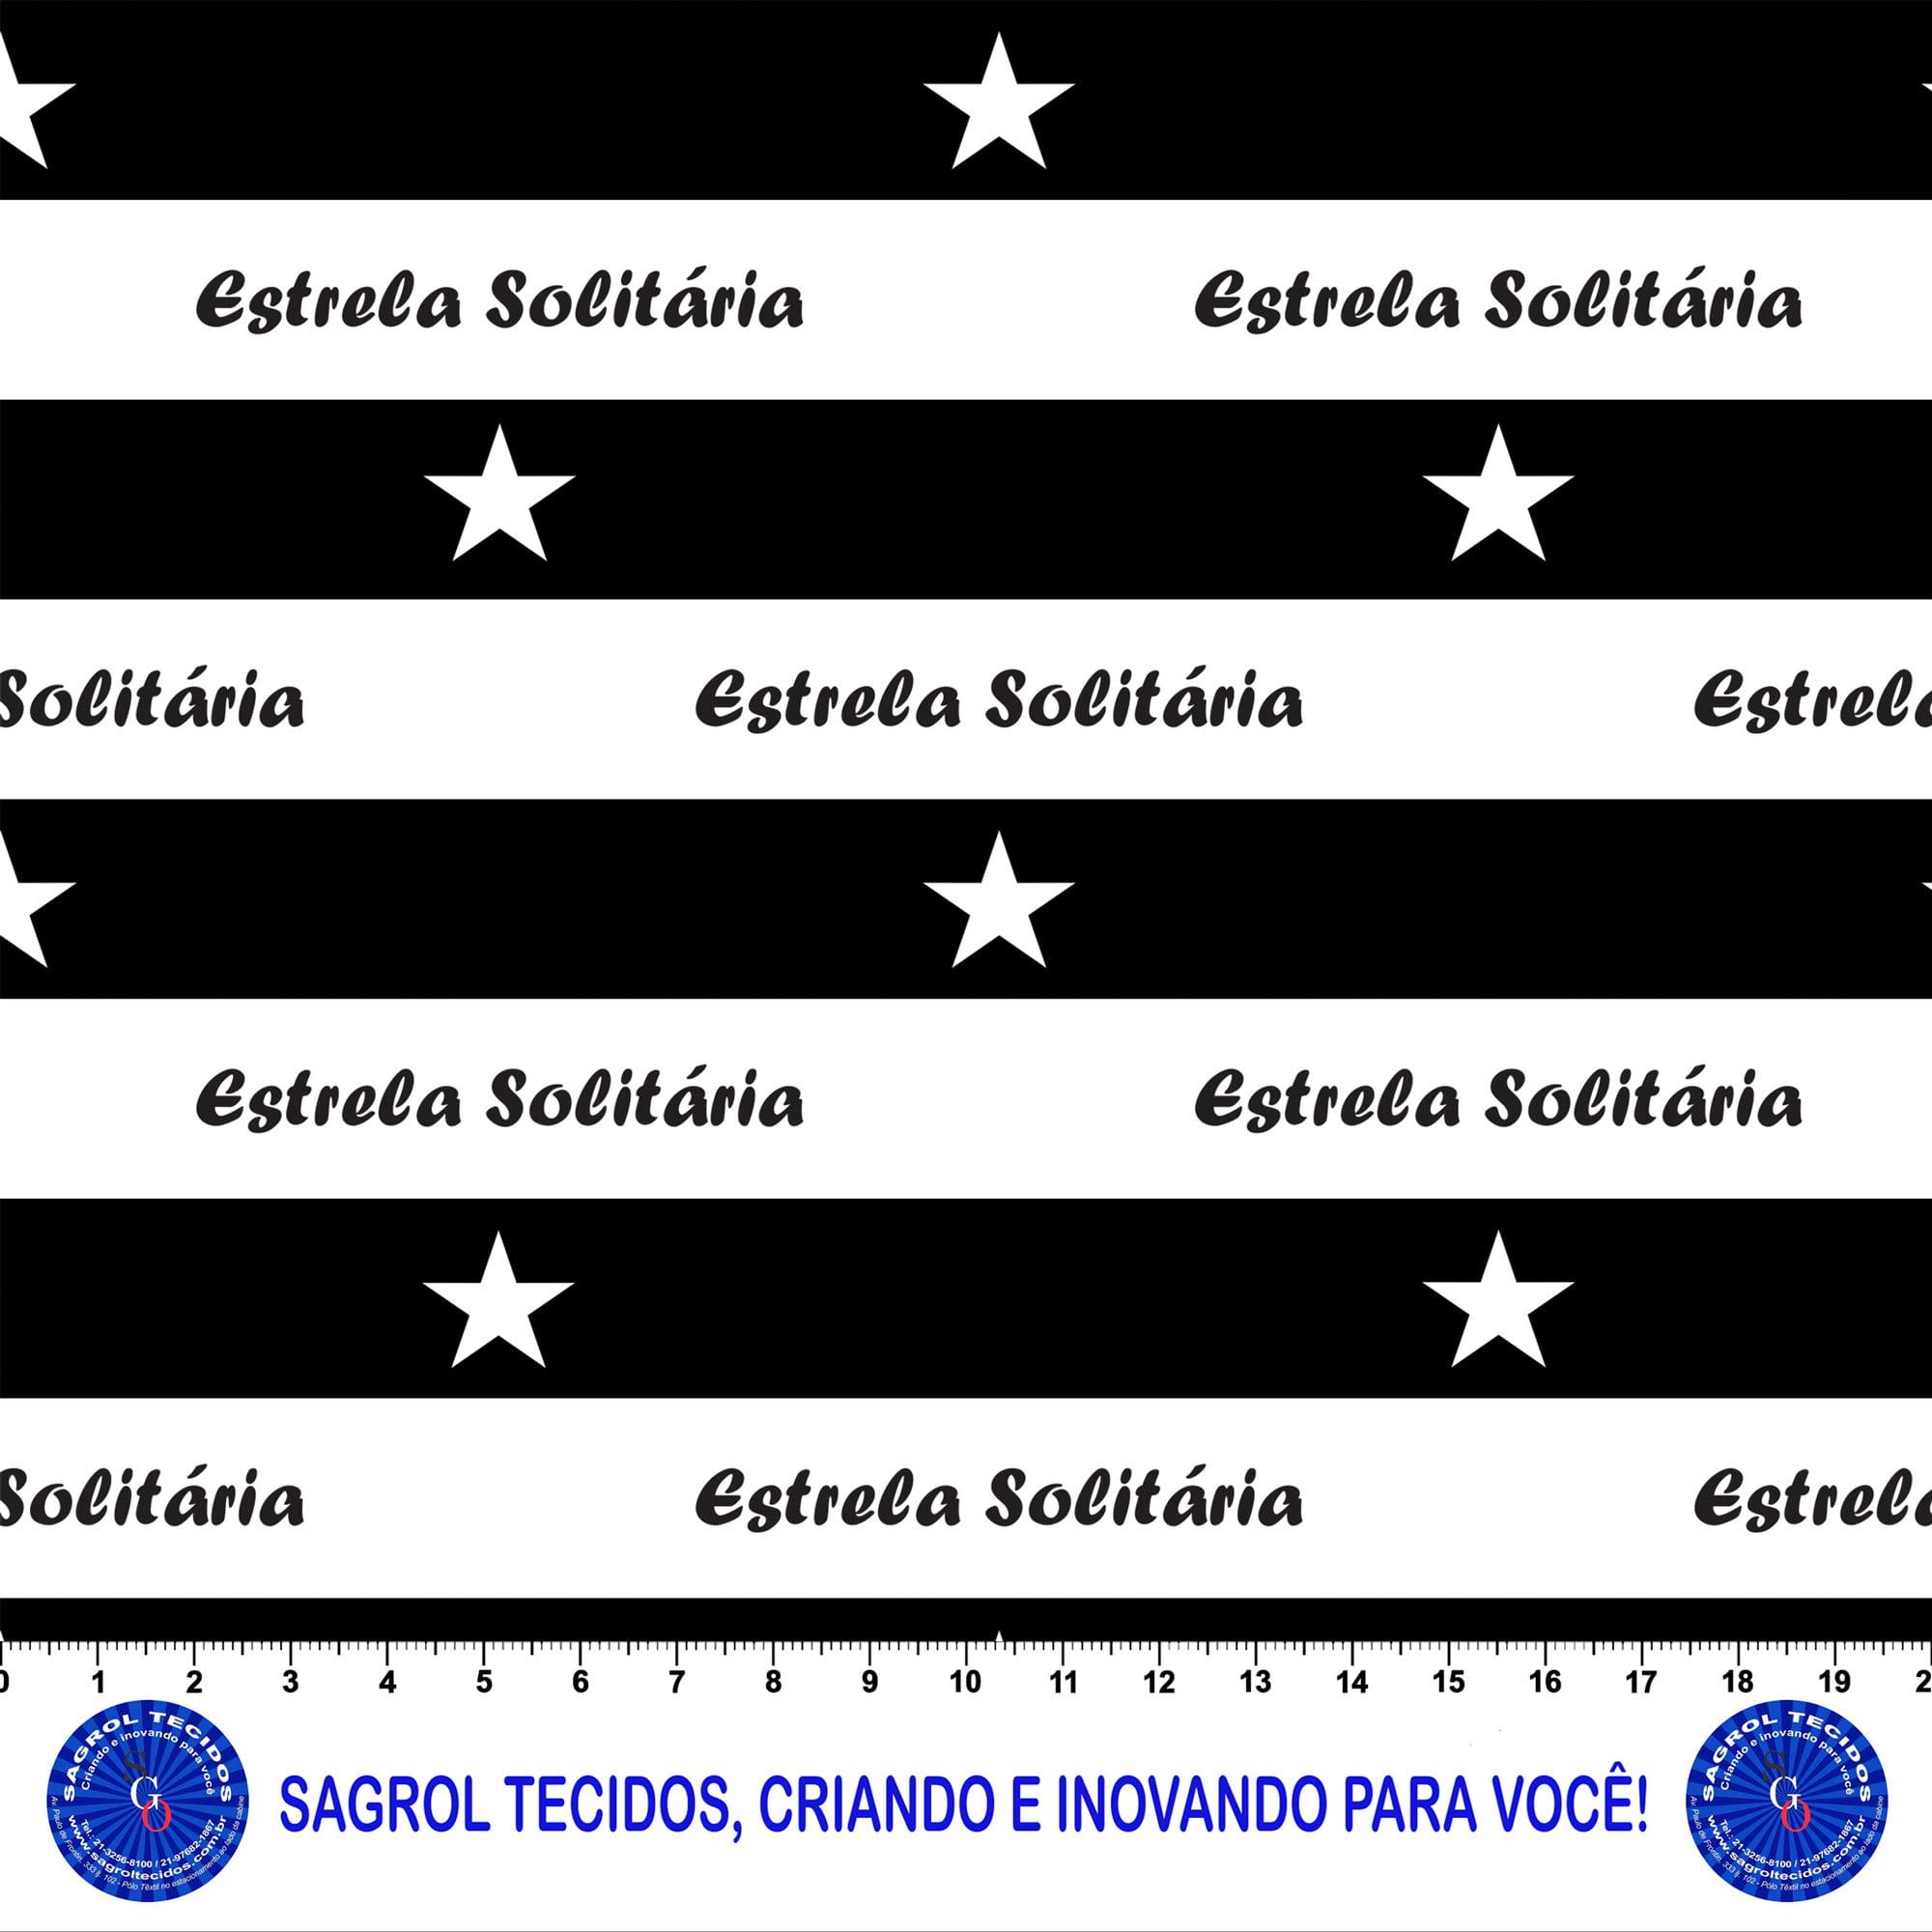 TRICOLINE ESTAMPA DIGITAL BOTAFOGO ESTRELA SOLITÁRIA  100% ALGODÃO COM 1,50 LG